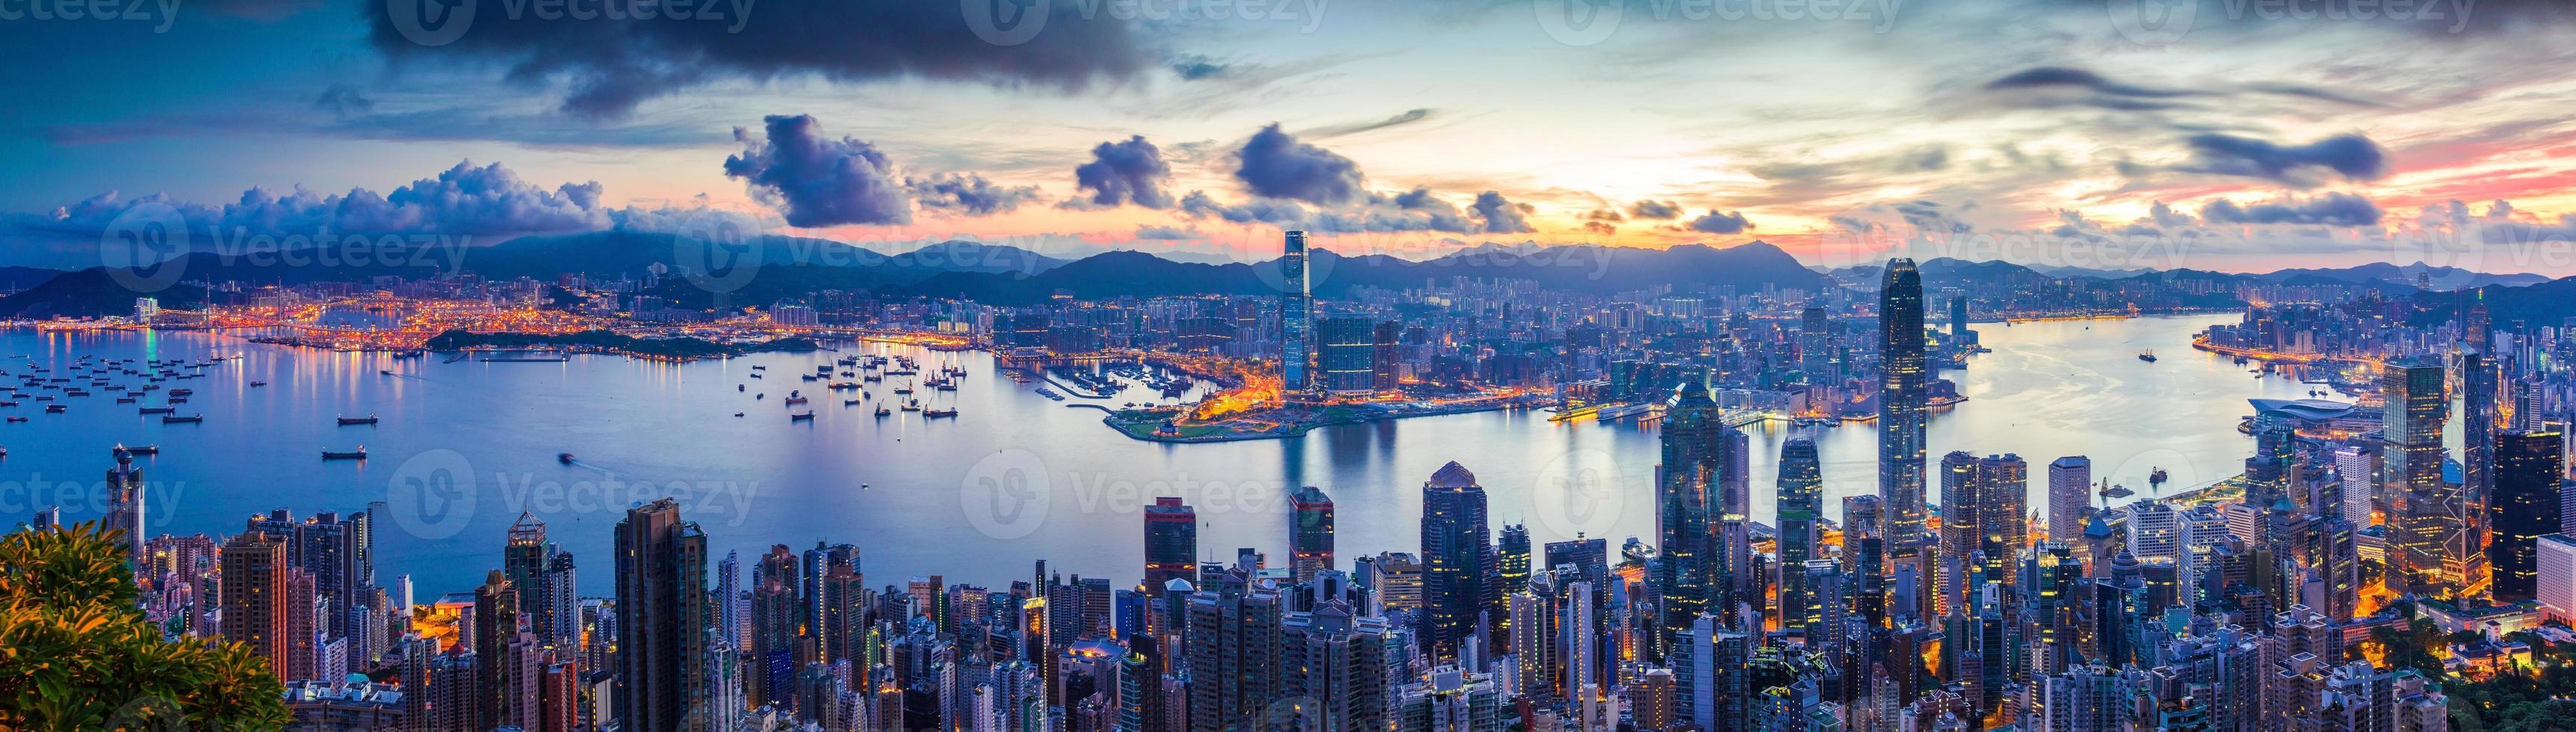 stad en haven bij dageraad foto